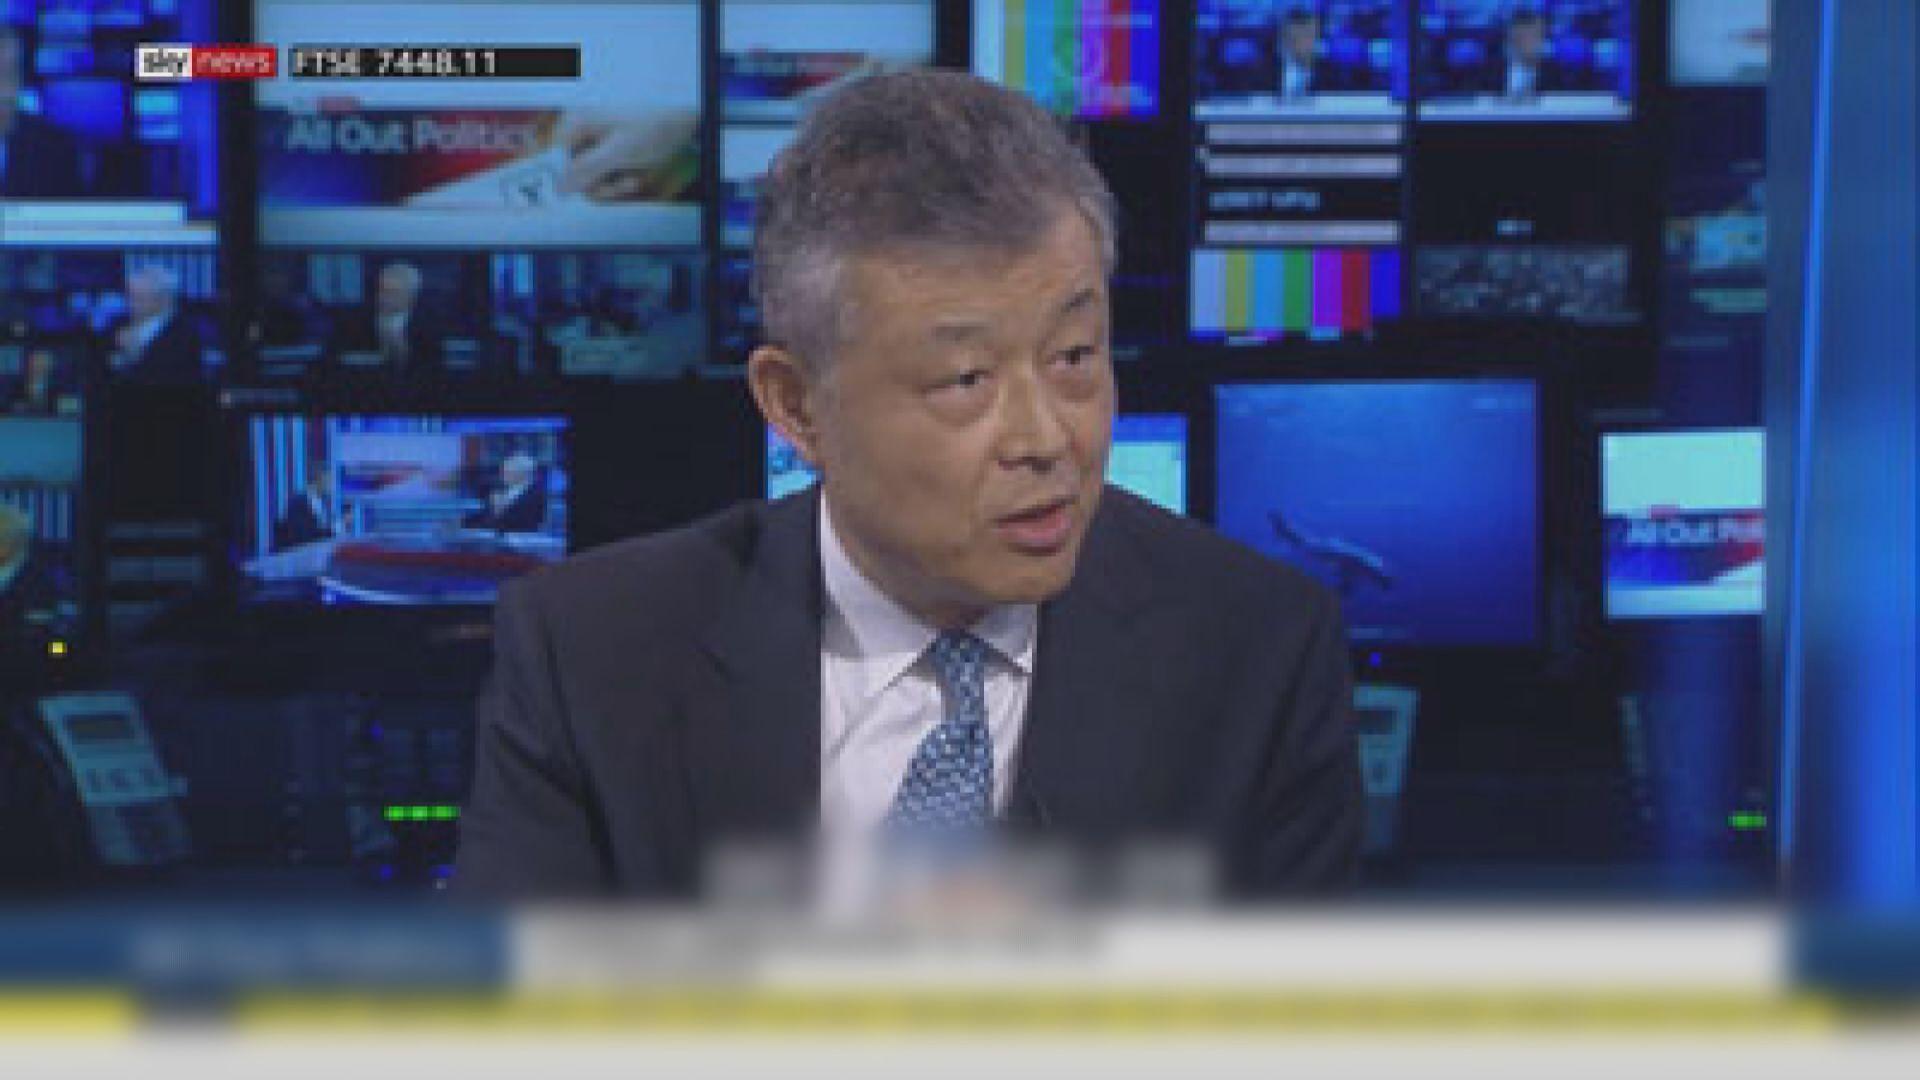 中駐英大使相信港府能處理逃犯條例爭議